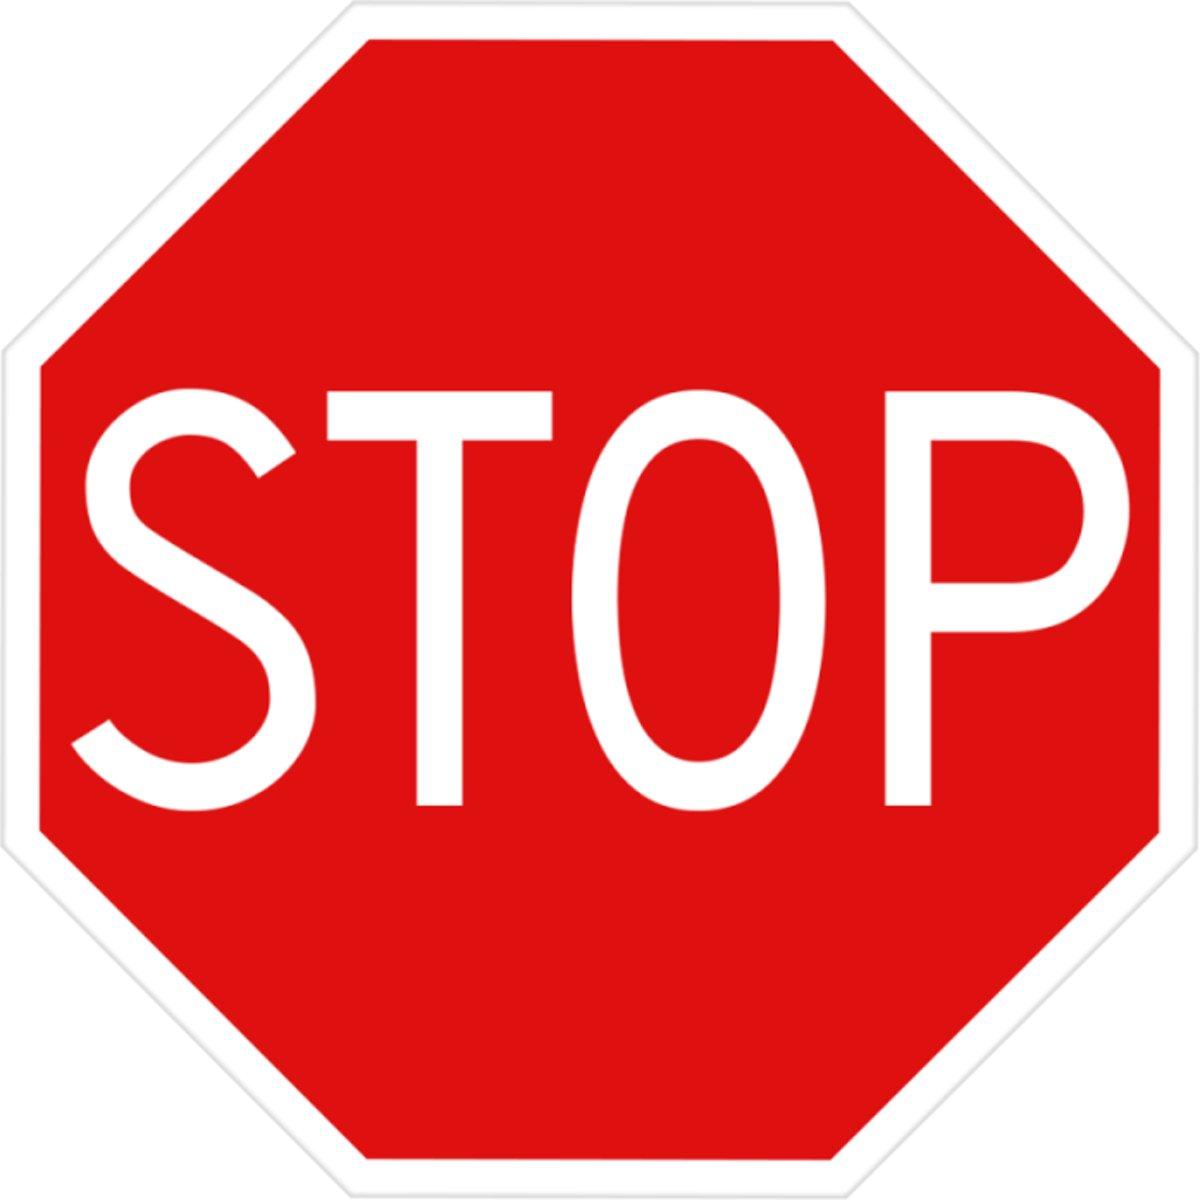 Verkeersbord Stop kopen